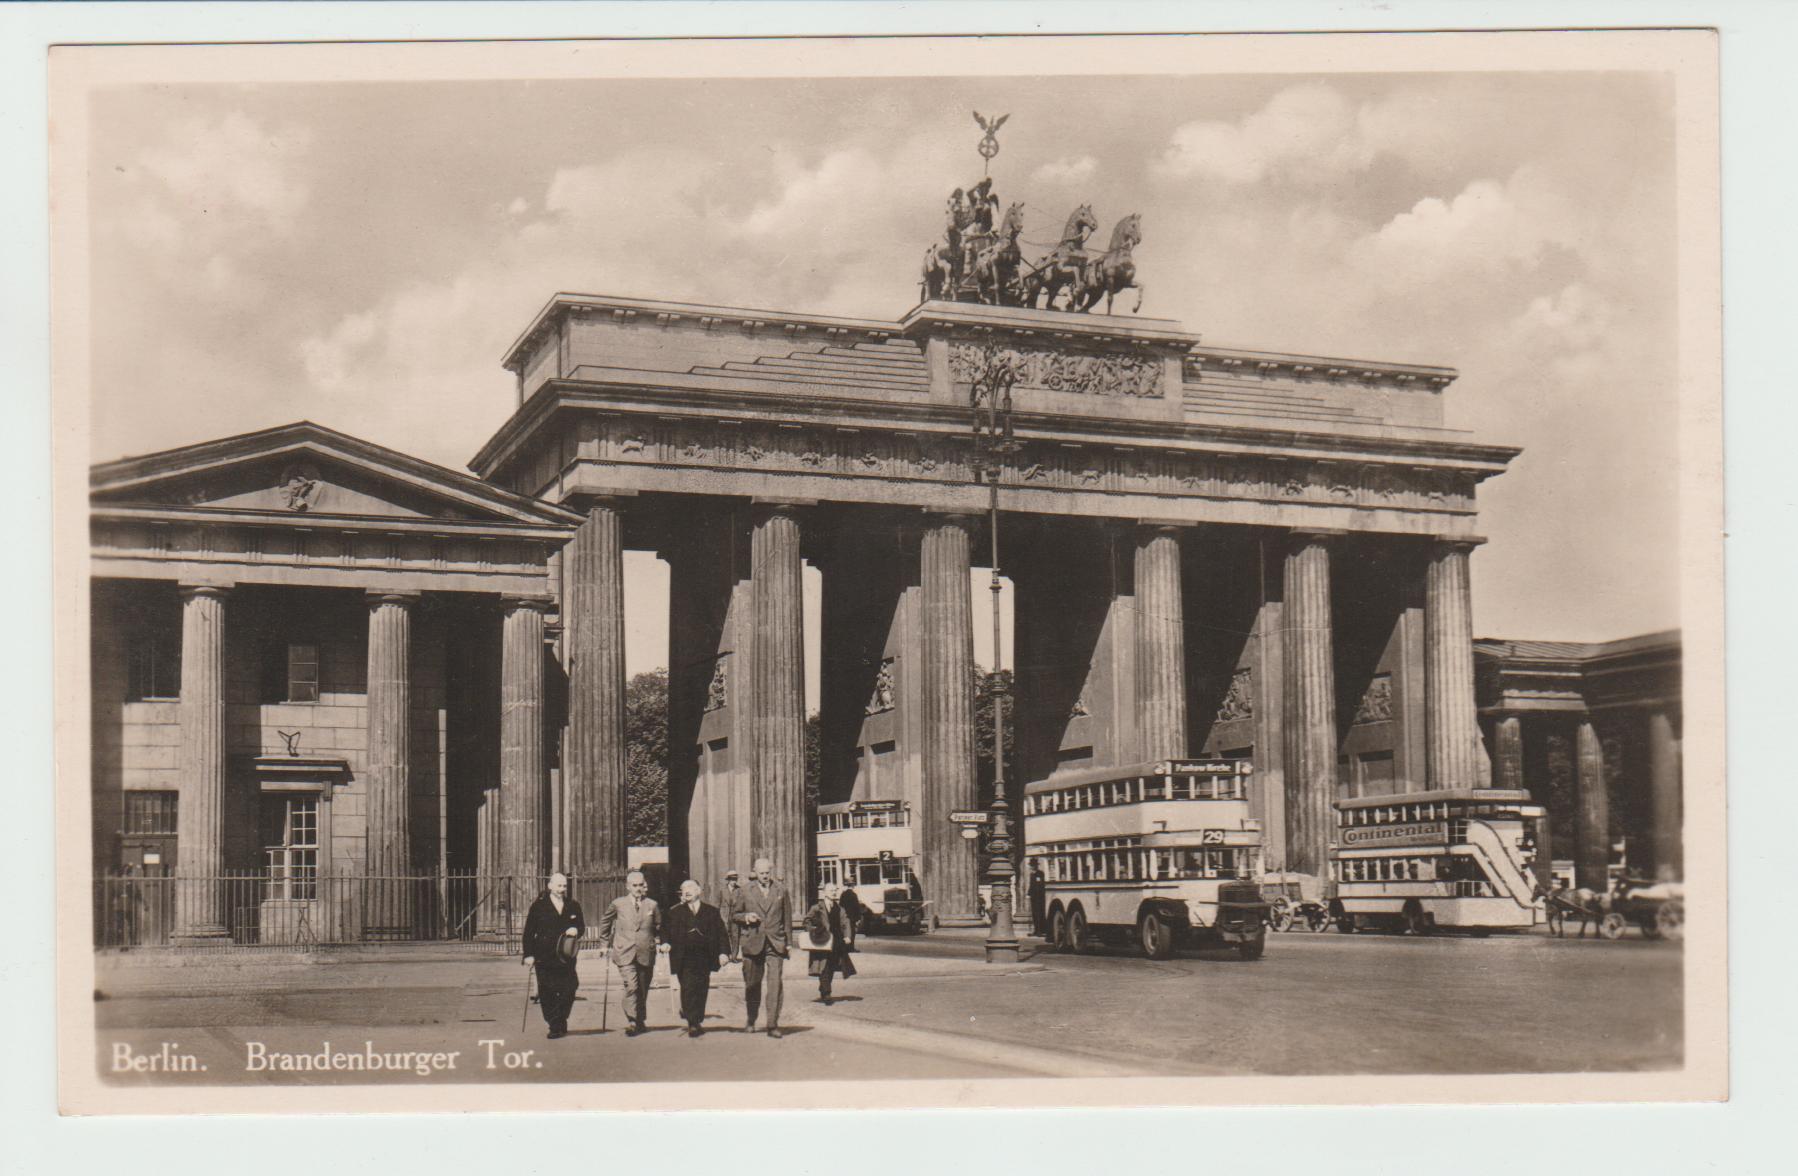 Sold Berlin Brandenburg Gate Brandenburger Tor Vintage Trams And Busses Vintage Strassenbahnen Und Busse Ech Brandenburg Gate Around The Worlds Postcard